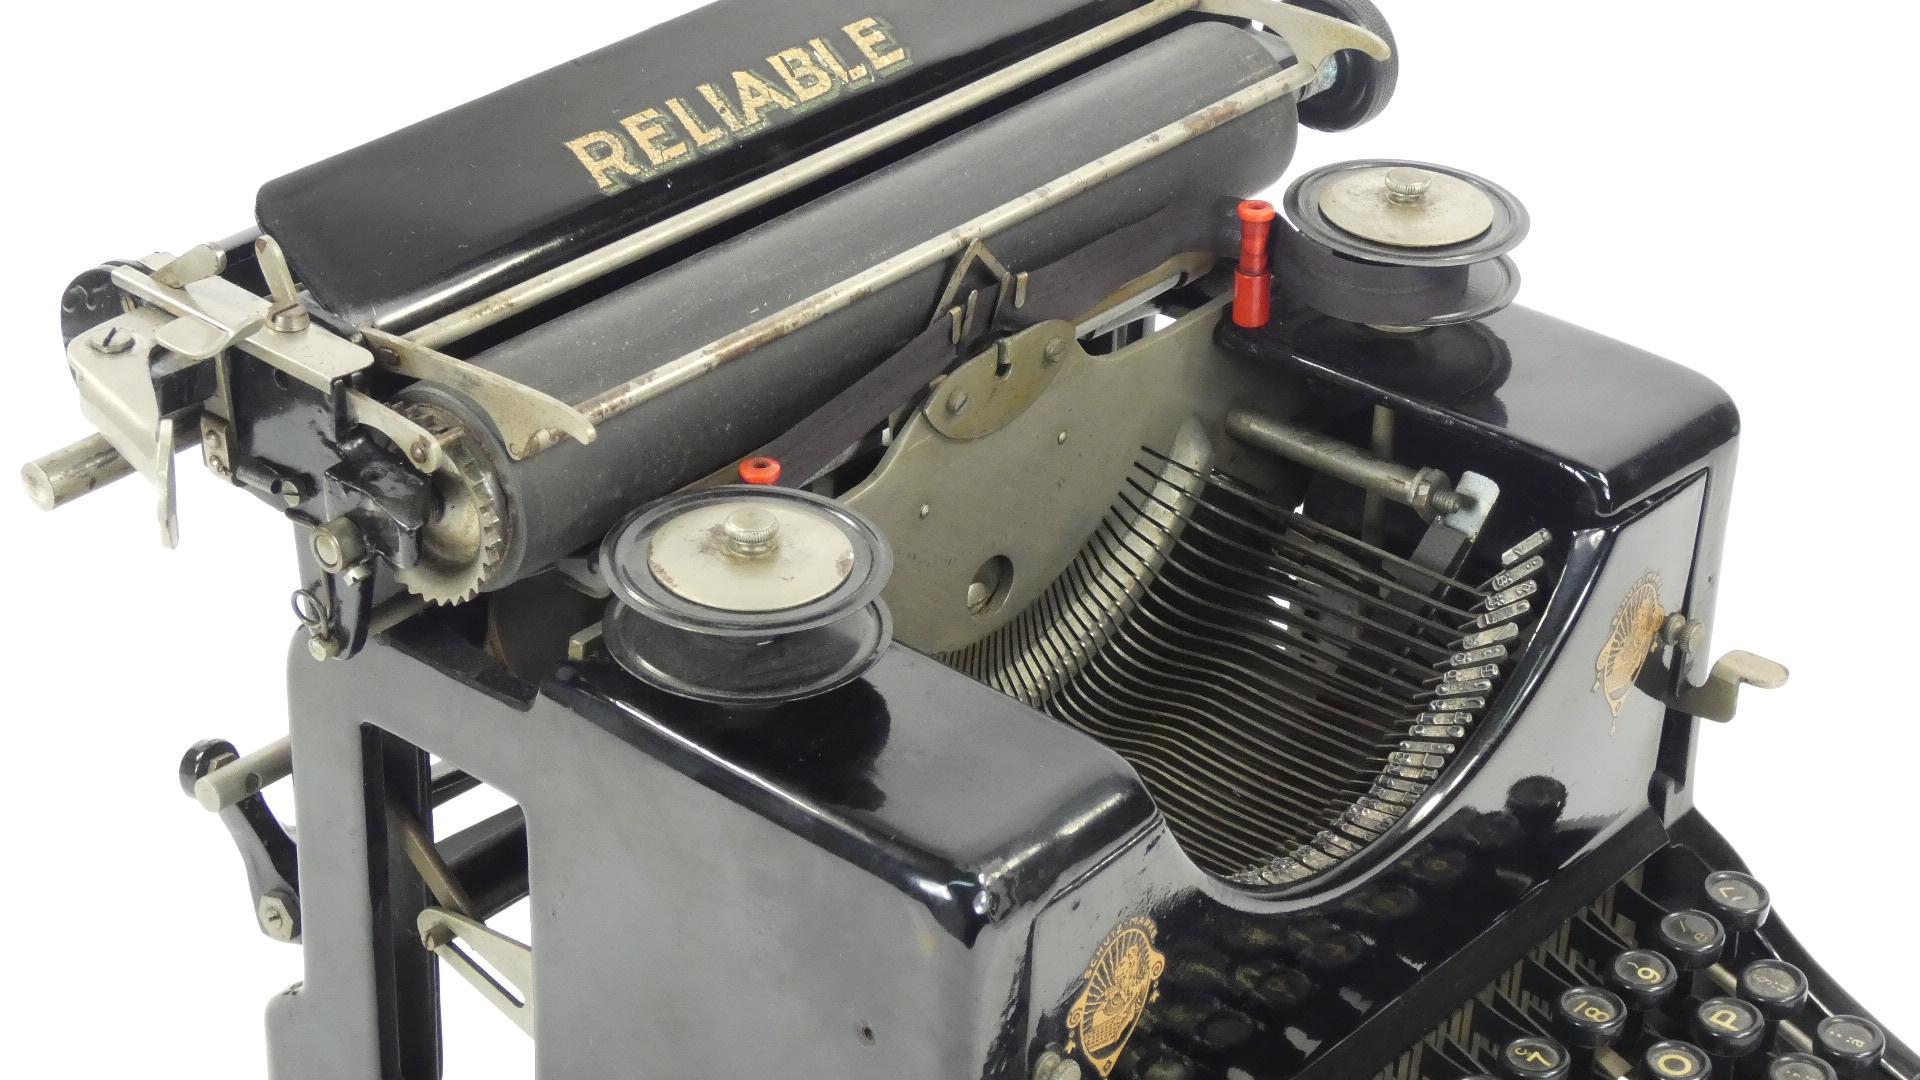 Imagen RELIABLE AÑO 1921 43455